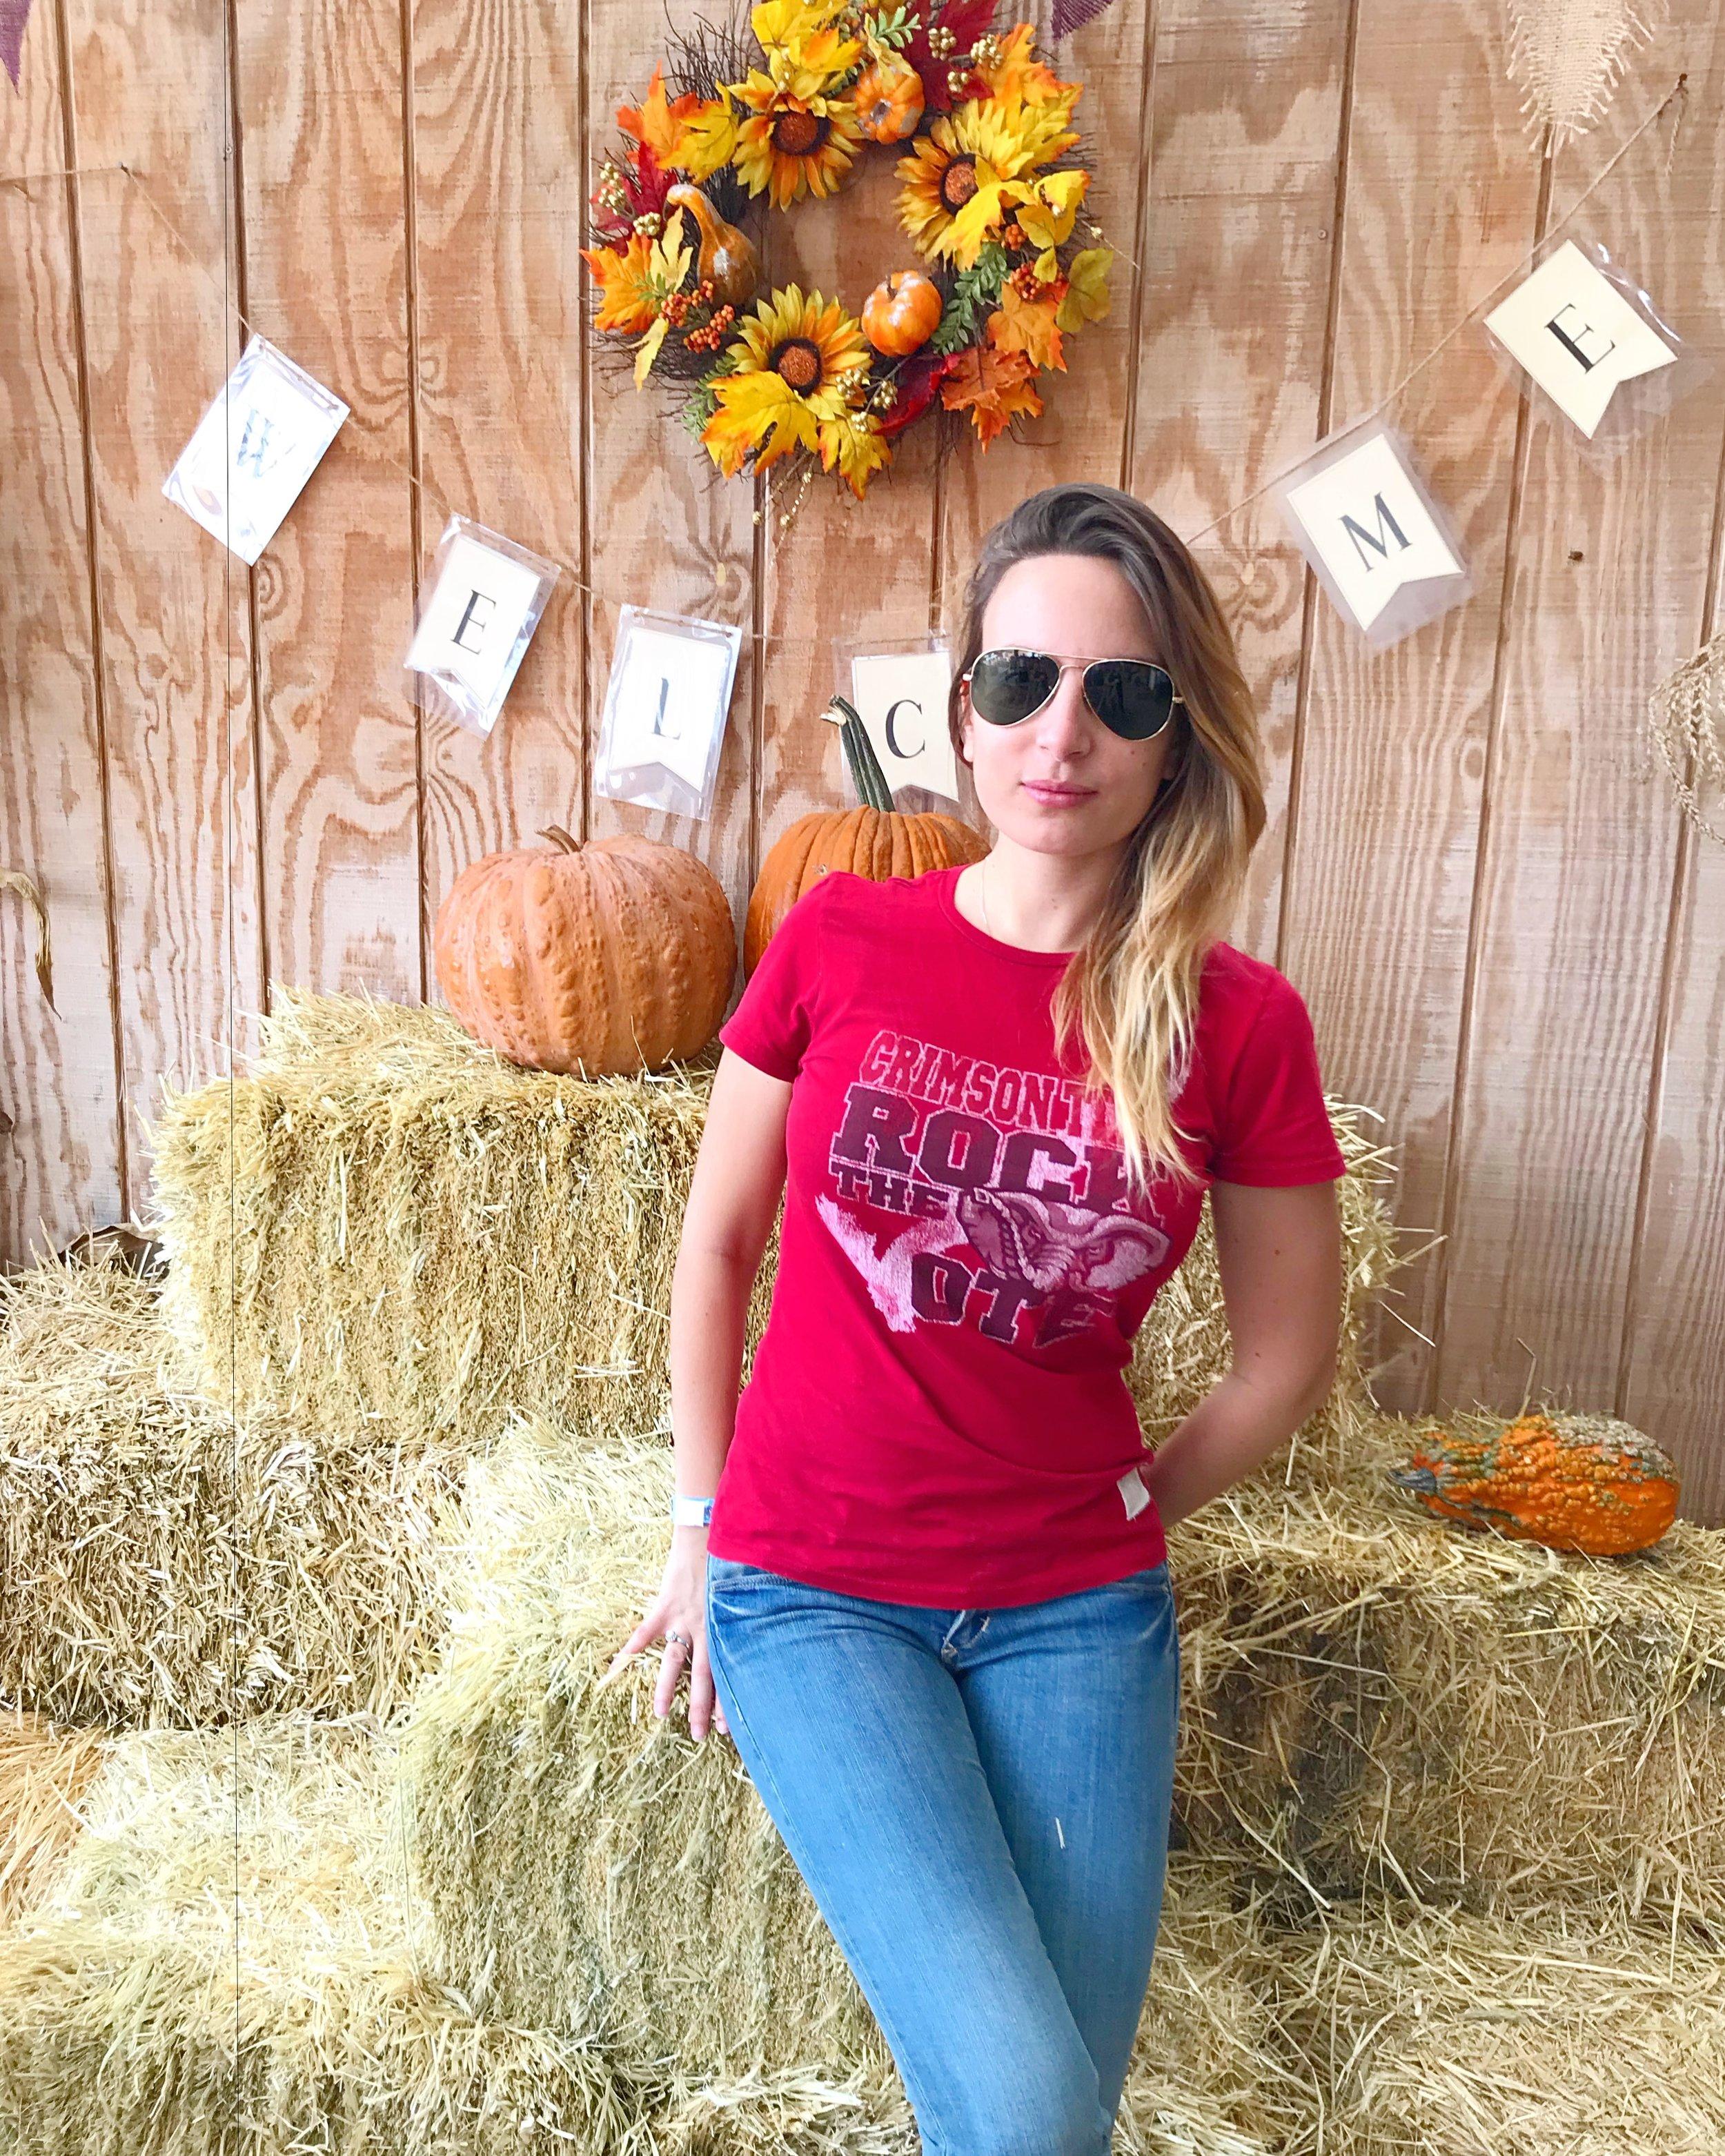 A day in a Farm, Fishkill Farms, New York